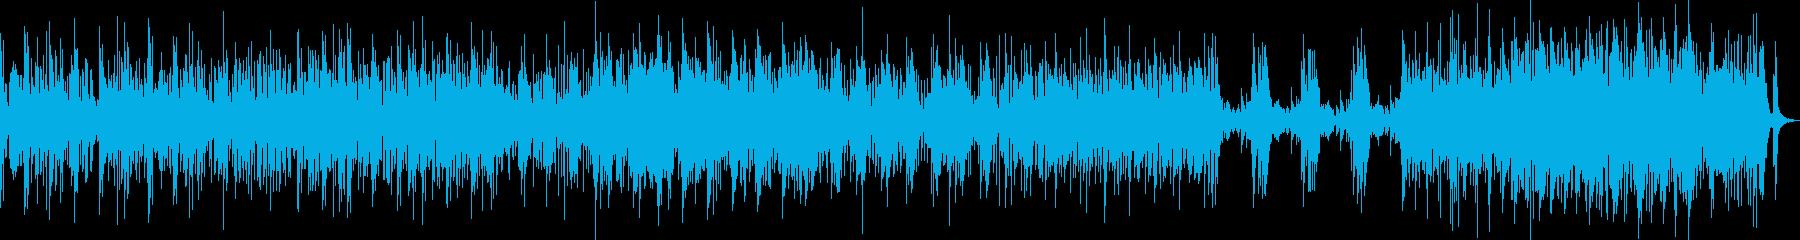 テクノロジー系の邪魔にならないBGMの再生済みの波形